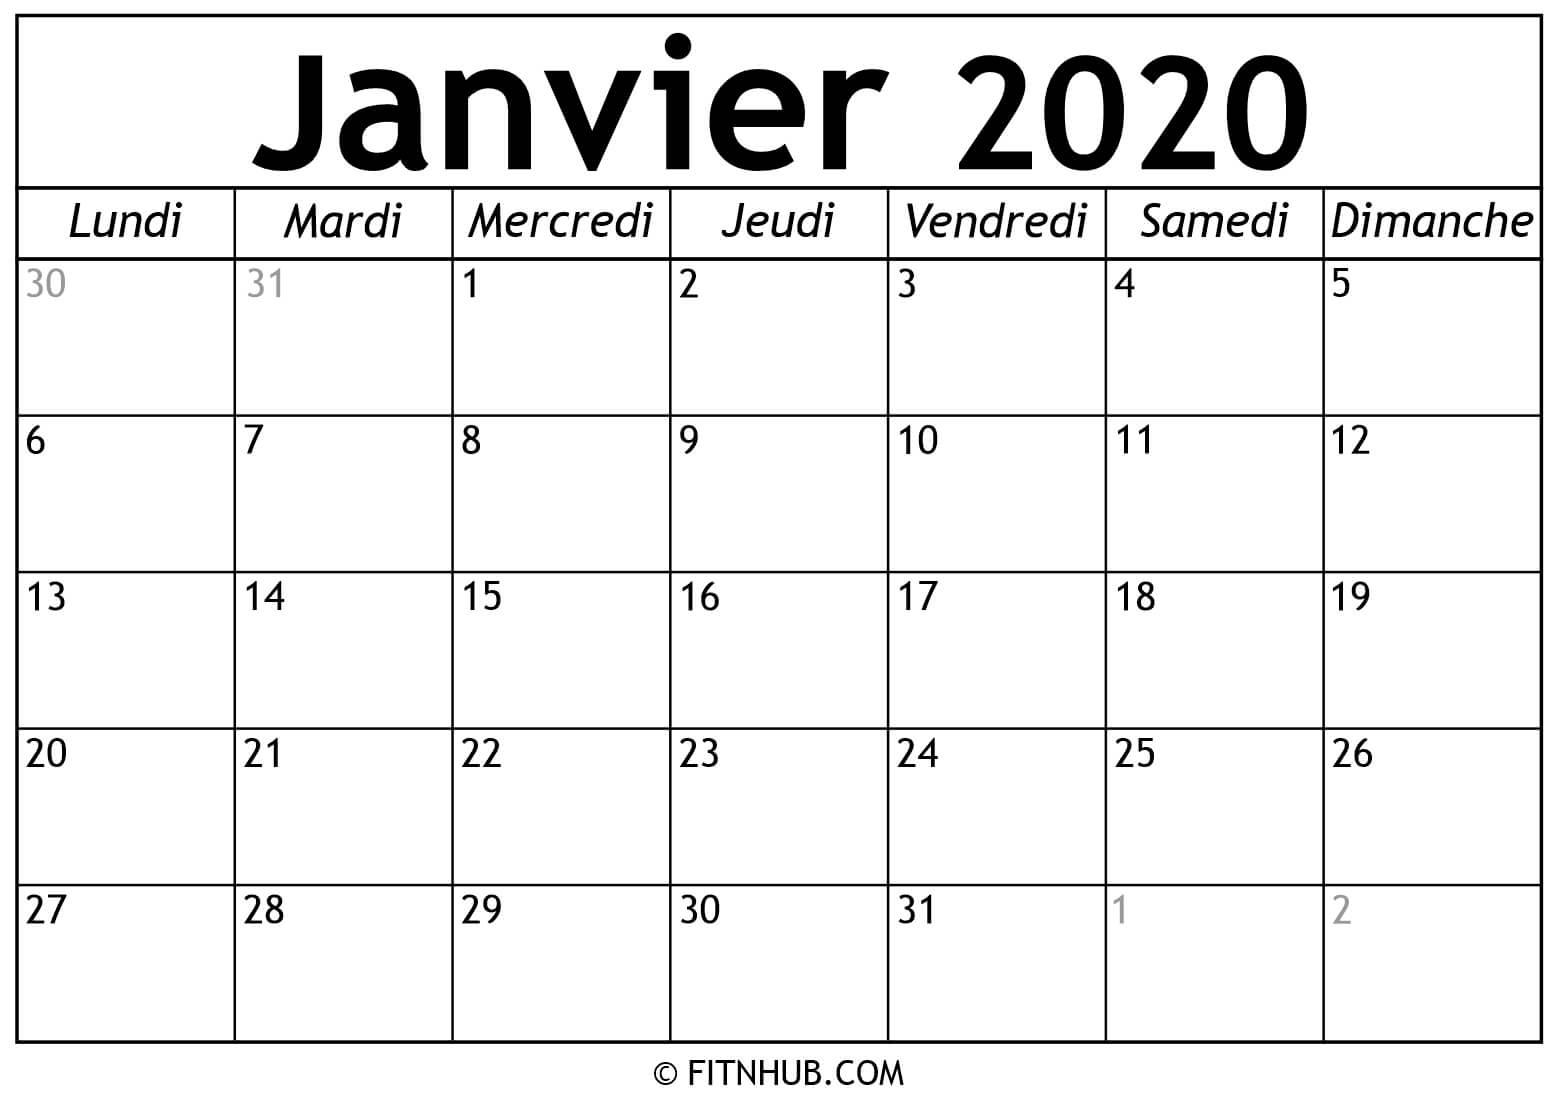 Calendrier Janvier 2020 À Imprimer - Calendrier 2020 À Imprimer avec Calendrier Anniversaire À Imprimer